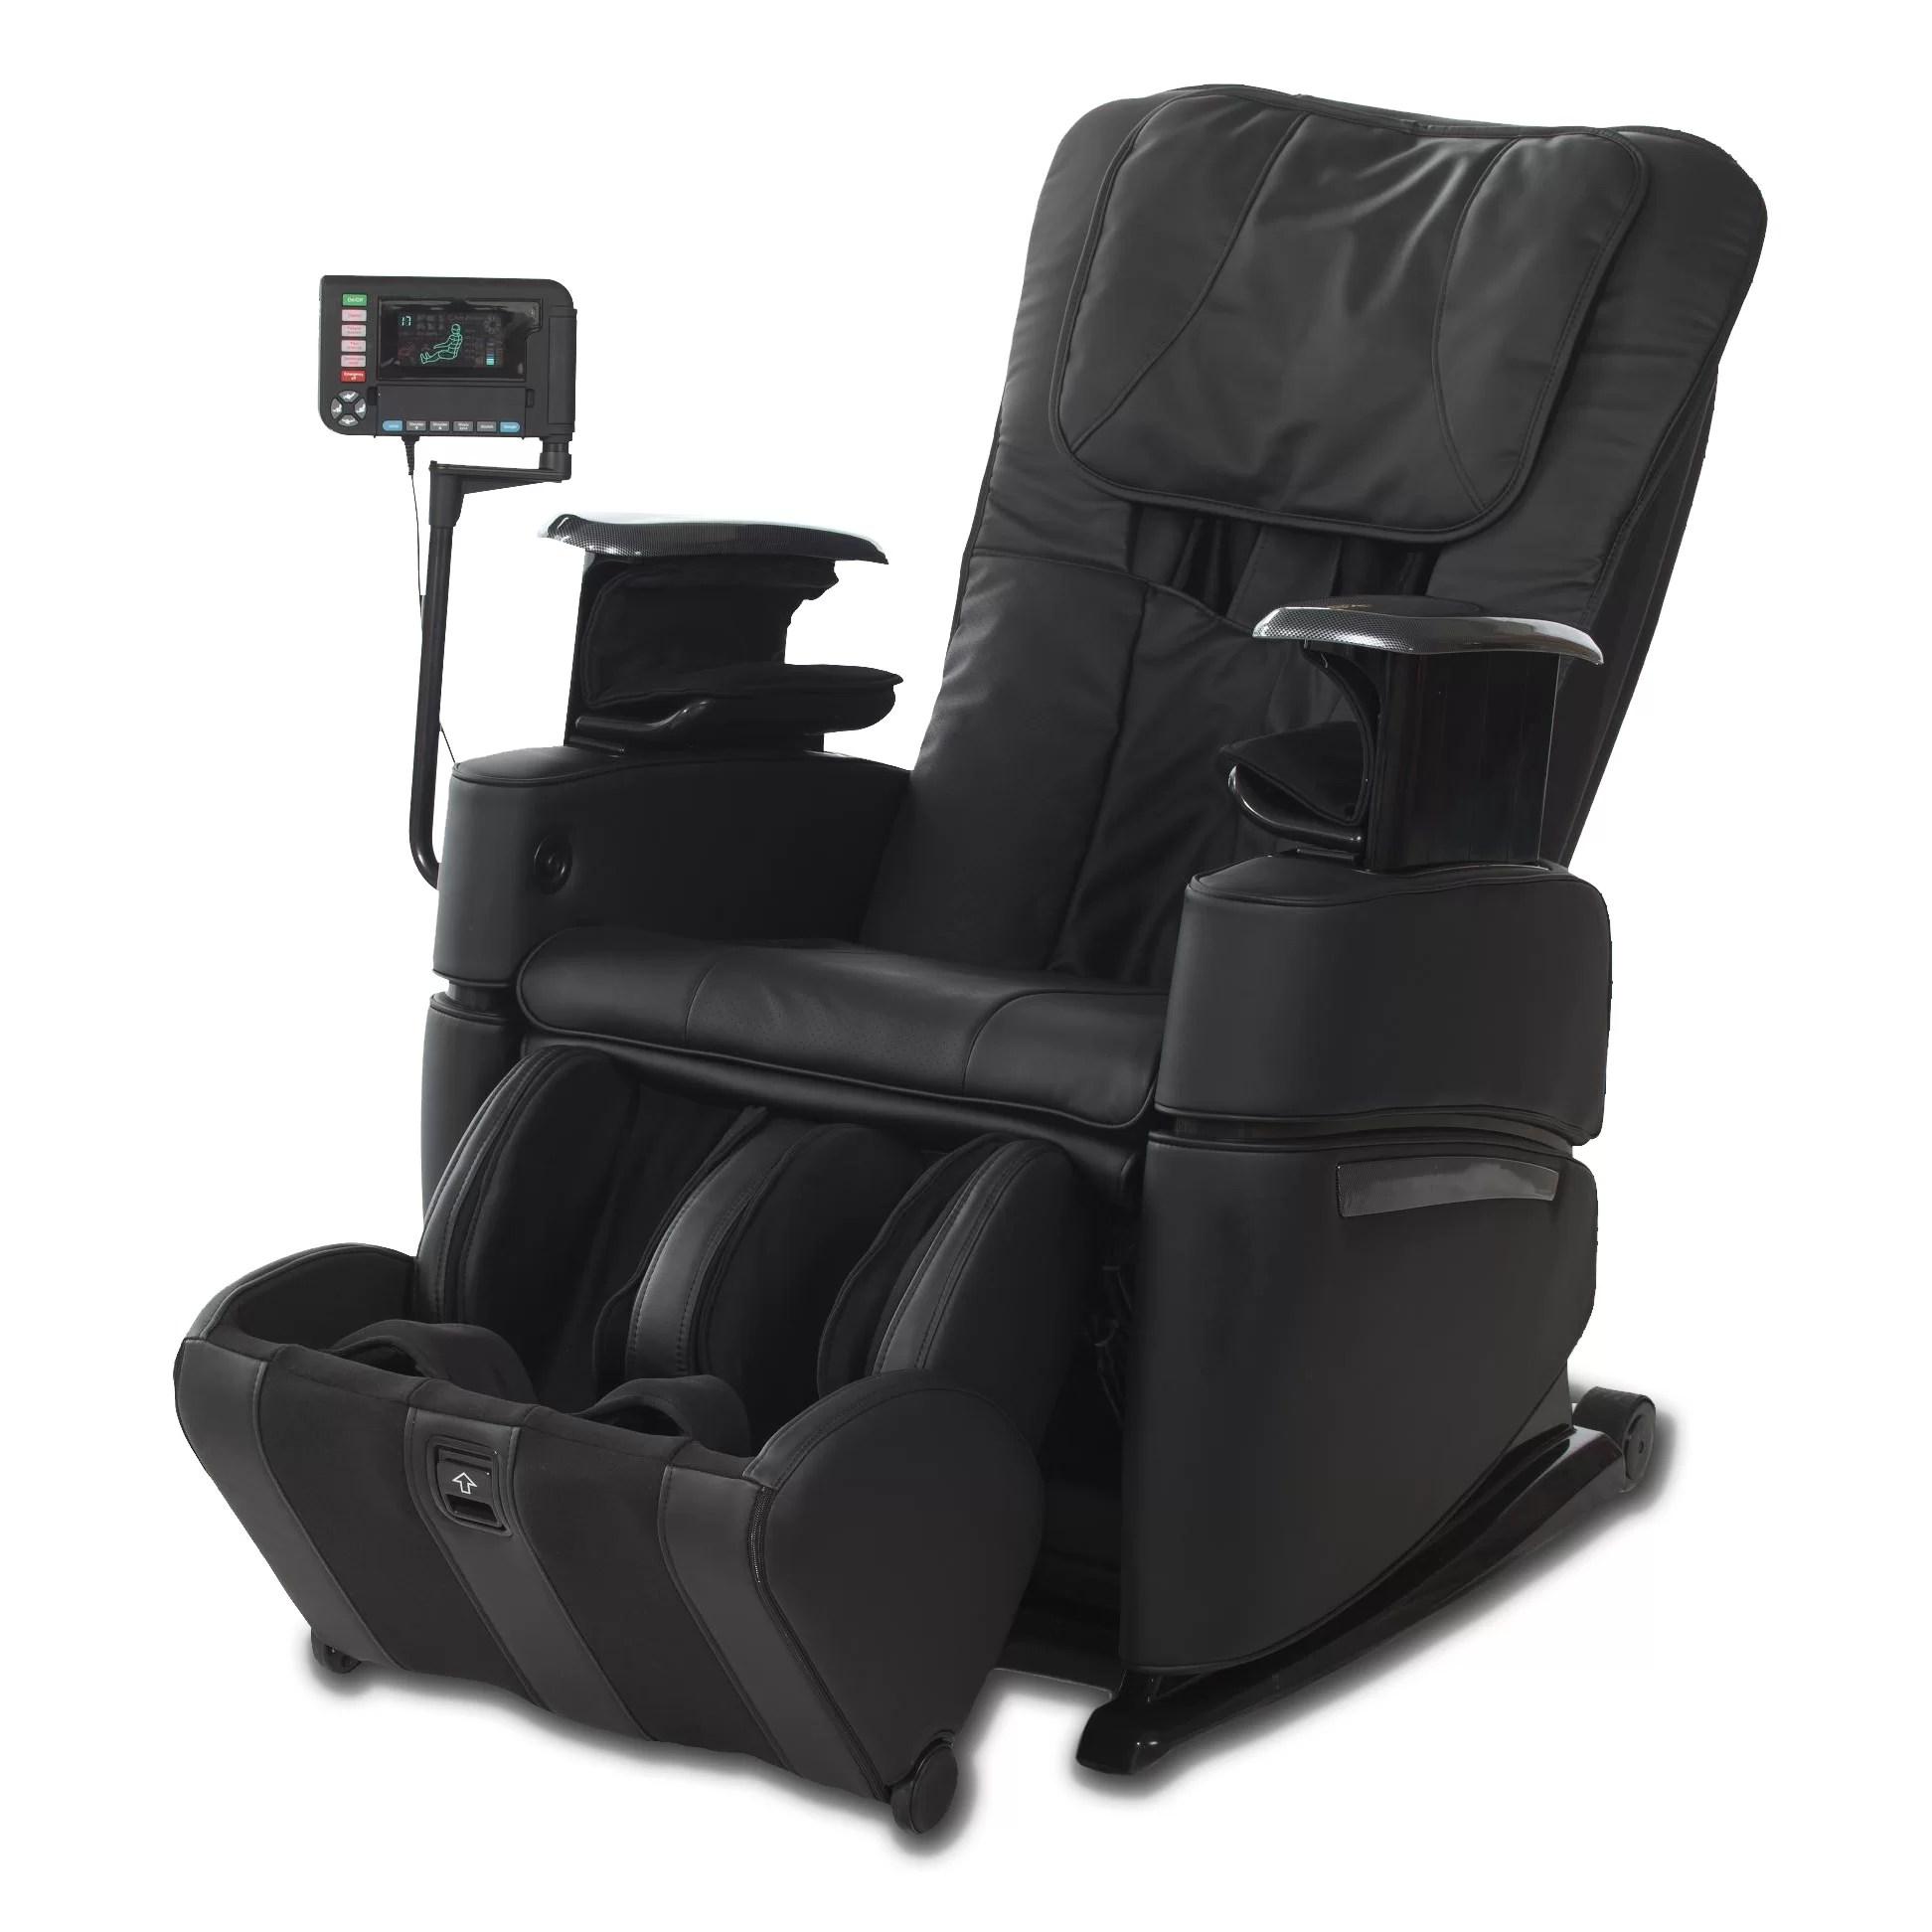 osaki os 3d pro cyber massage chair beach cup holder intelligent heated wayfair